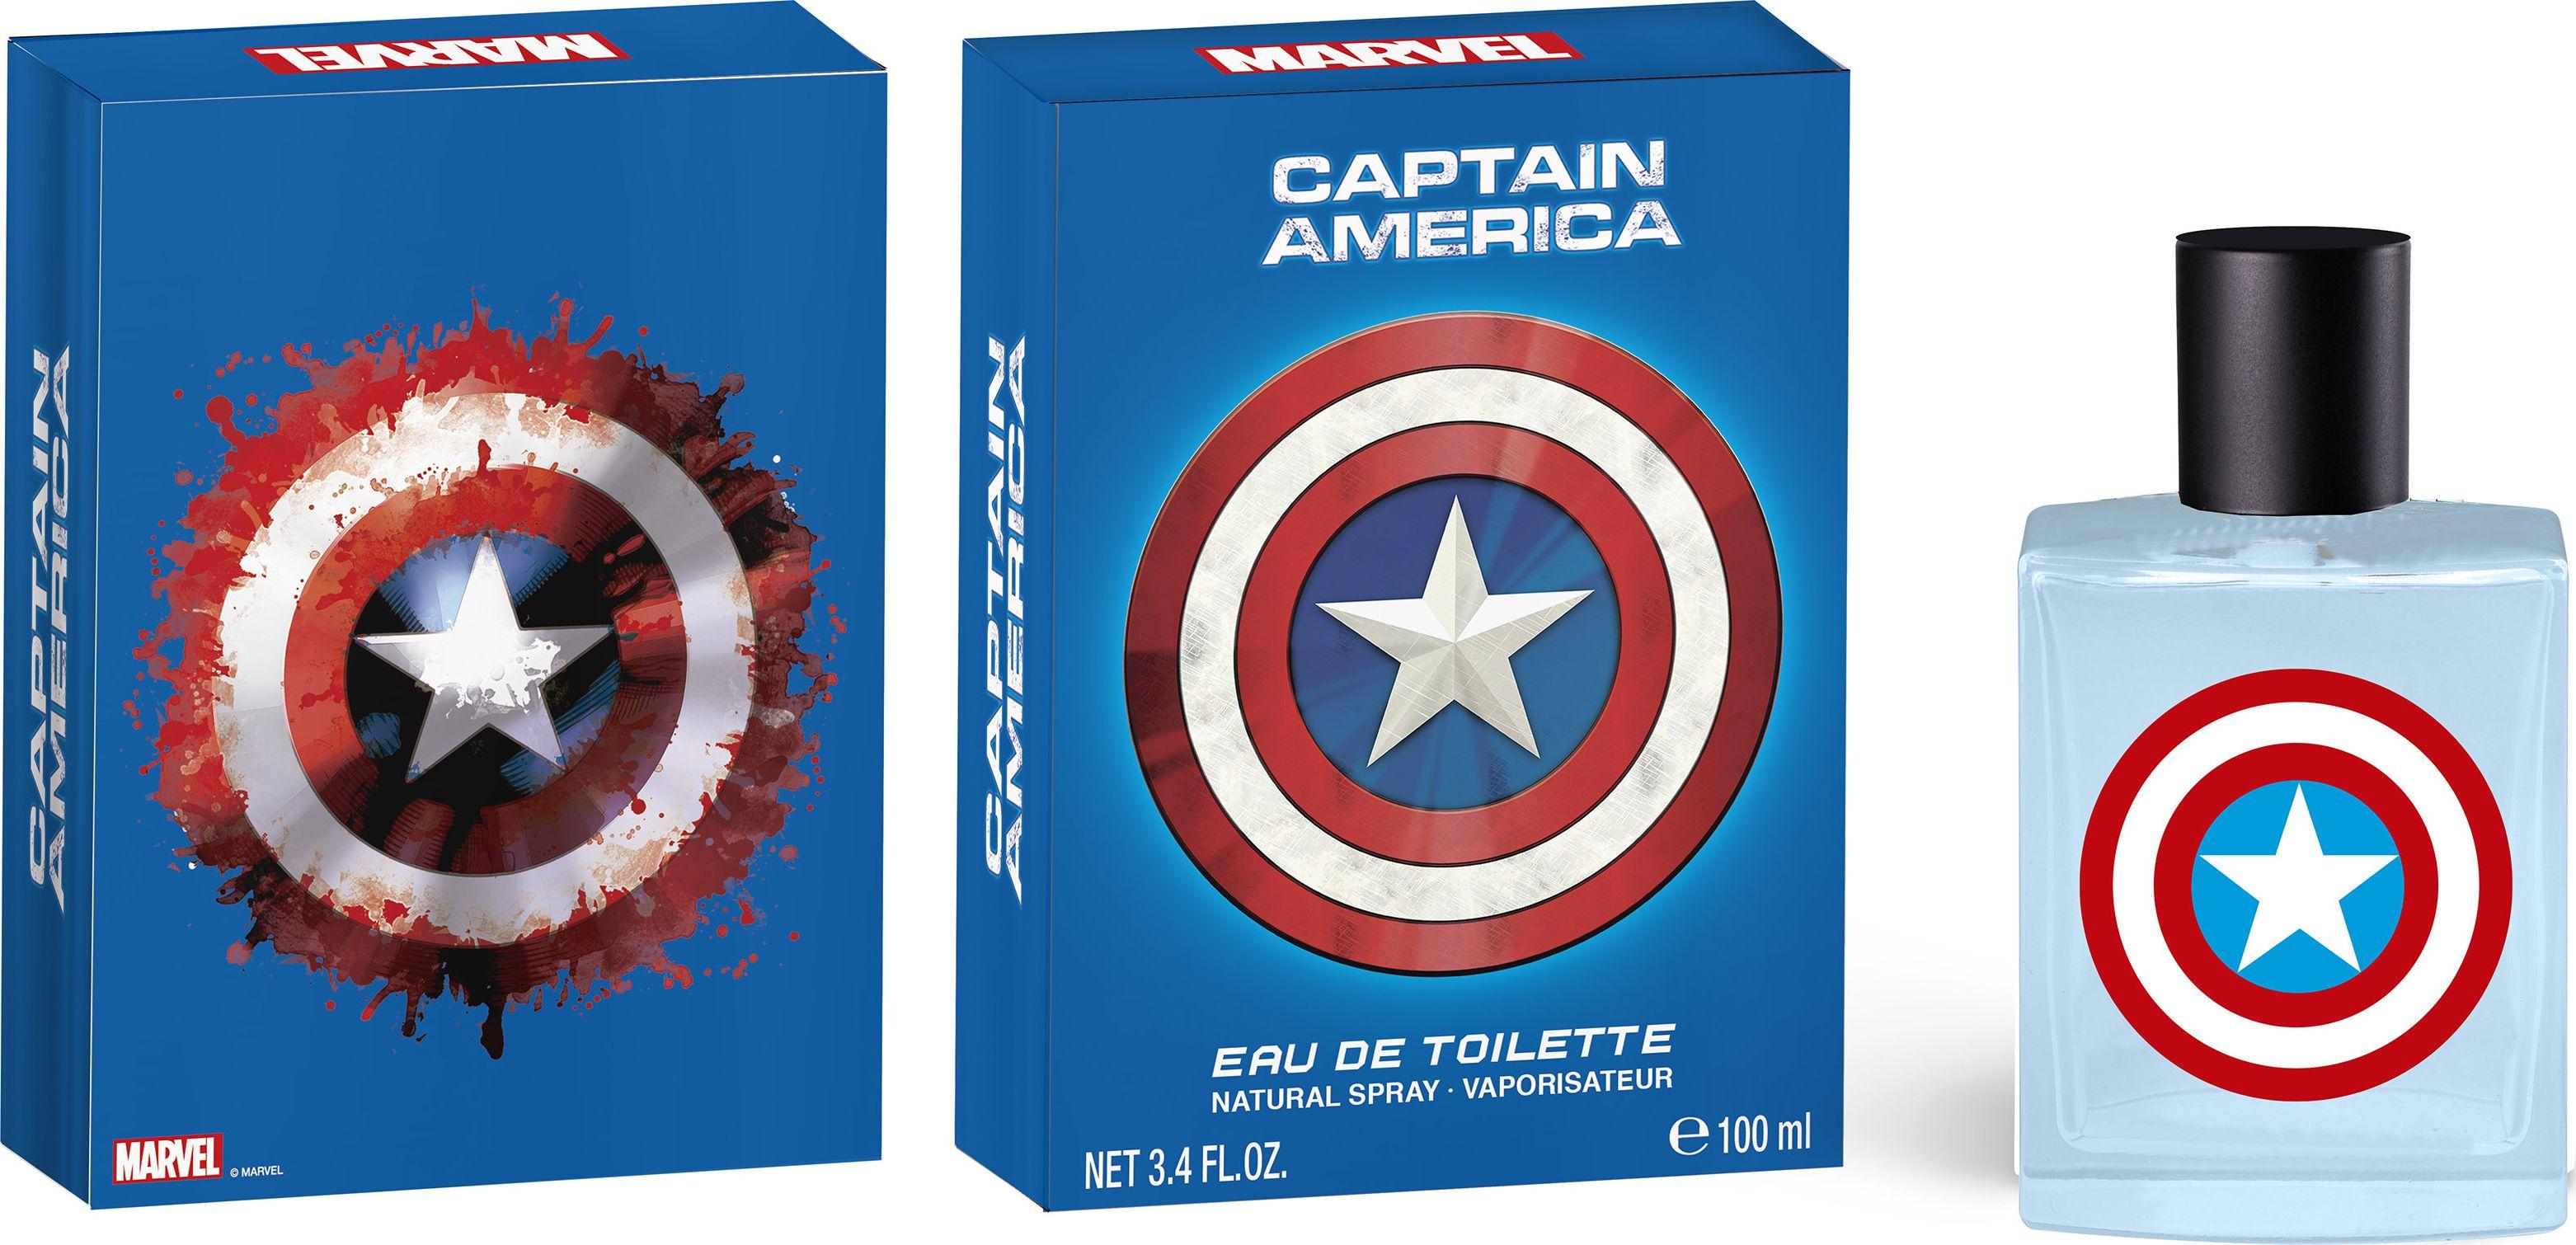 Marvel Tualetinis vanduo Marvel Captain America EDT berniukams 100 ml 6750393 Bērnu smaržas